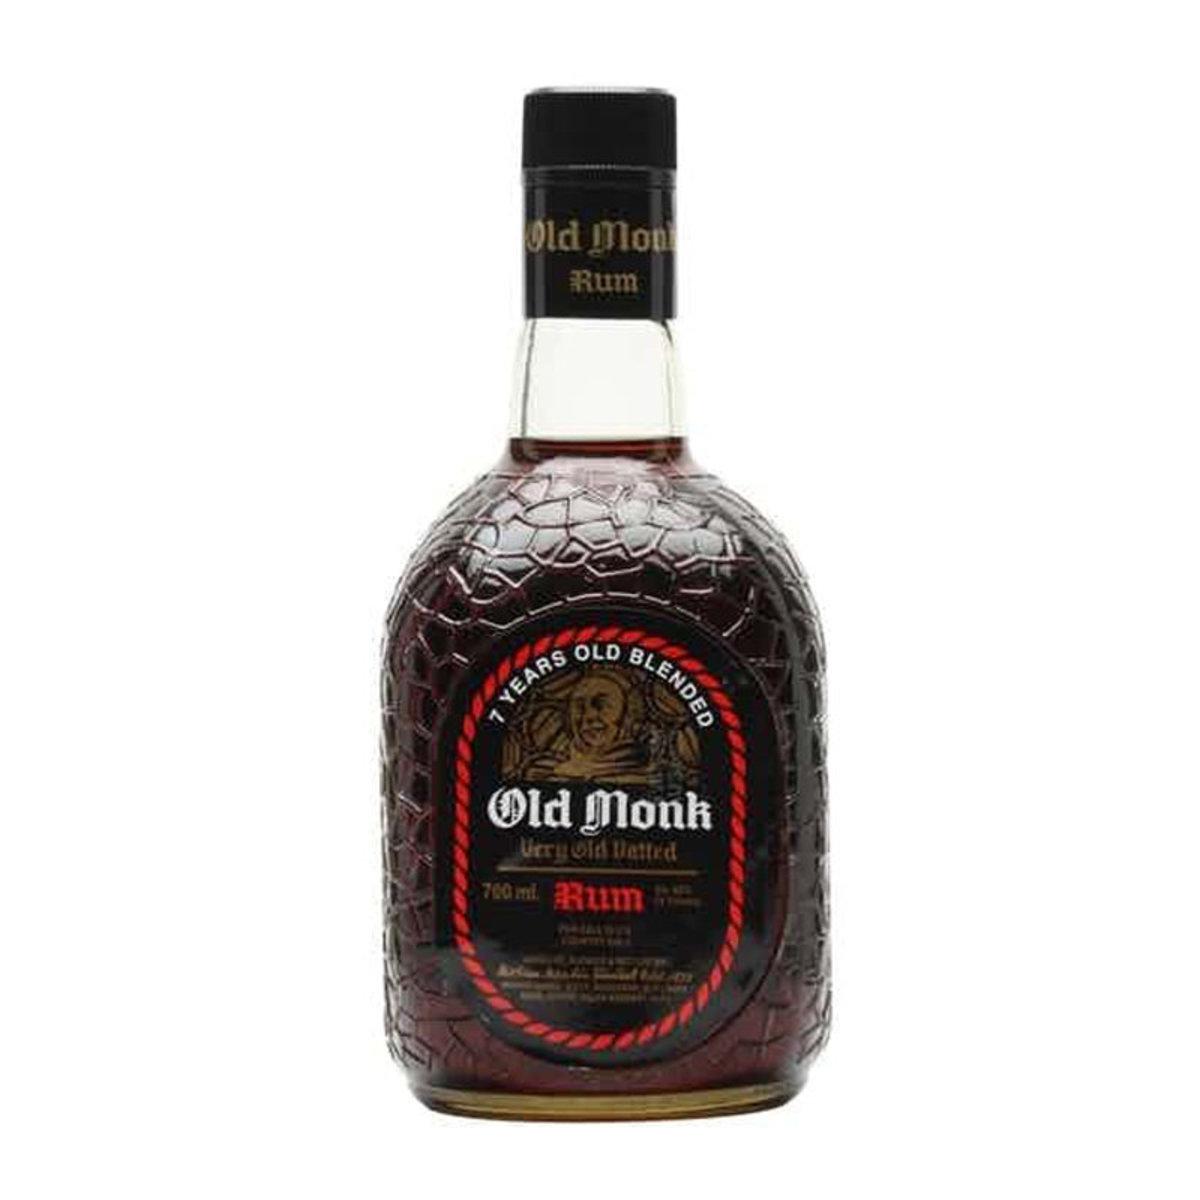 Old Monk Dark Rum 700 ml x 2